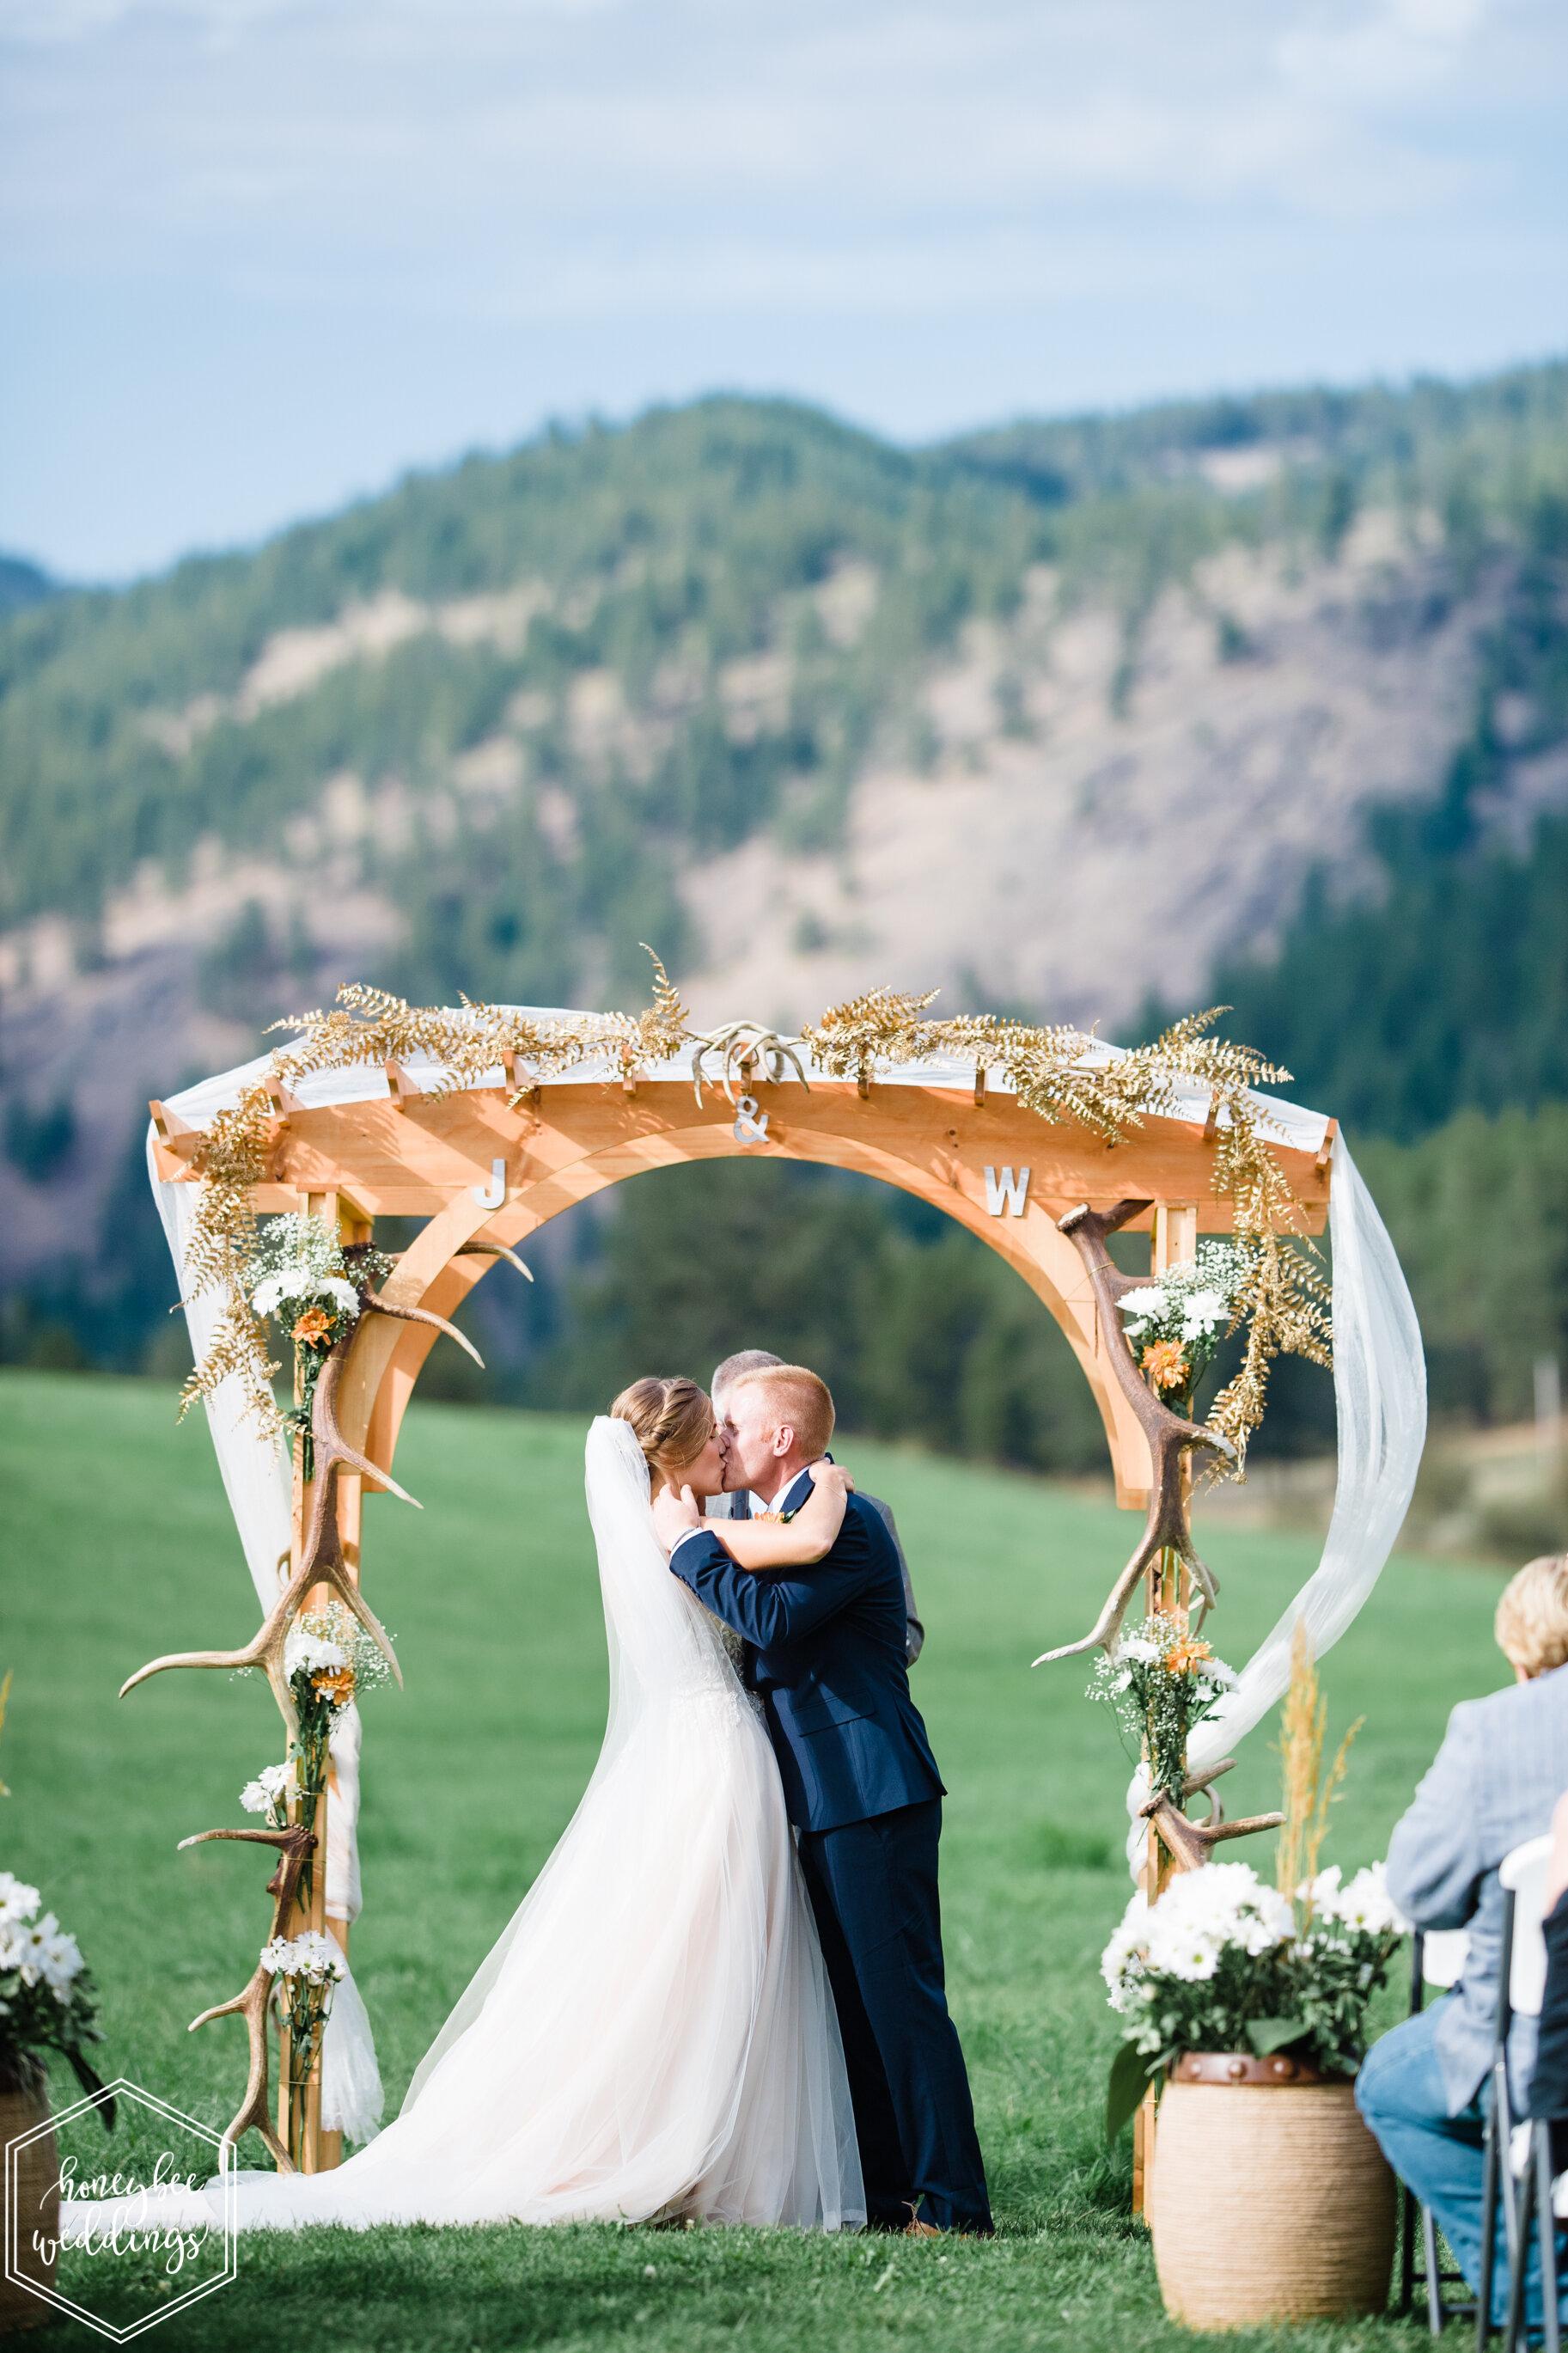 085Seven Mile Meadows Wedding_Montana Wedding Photographer_Jamie & Wes_Honeybee Weddings_September 07, 2019-2185.jpg